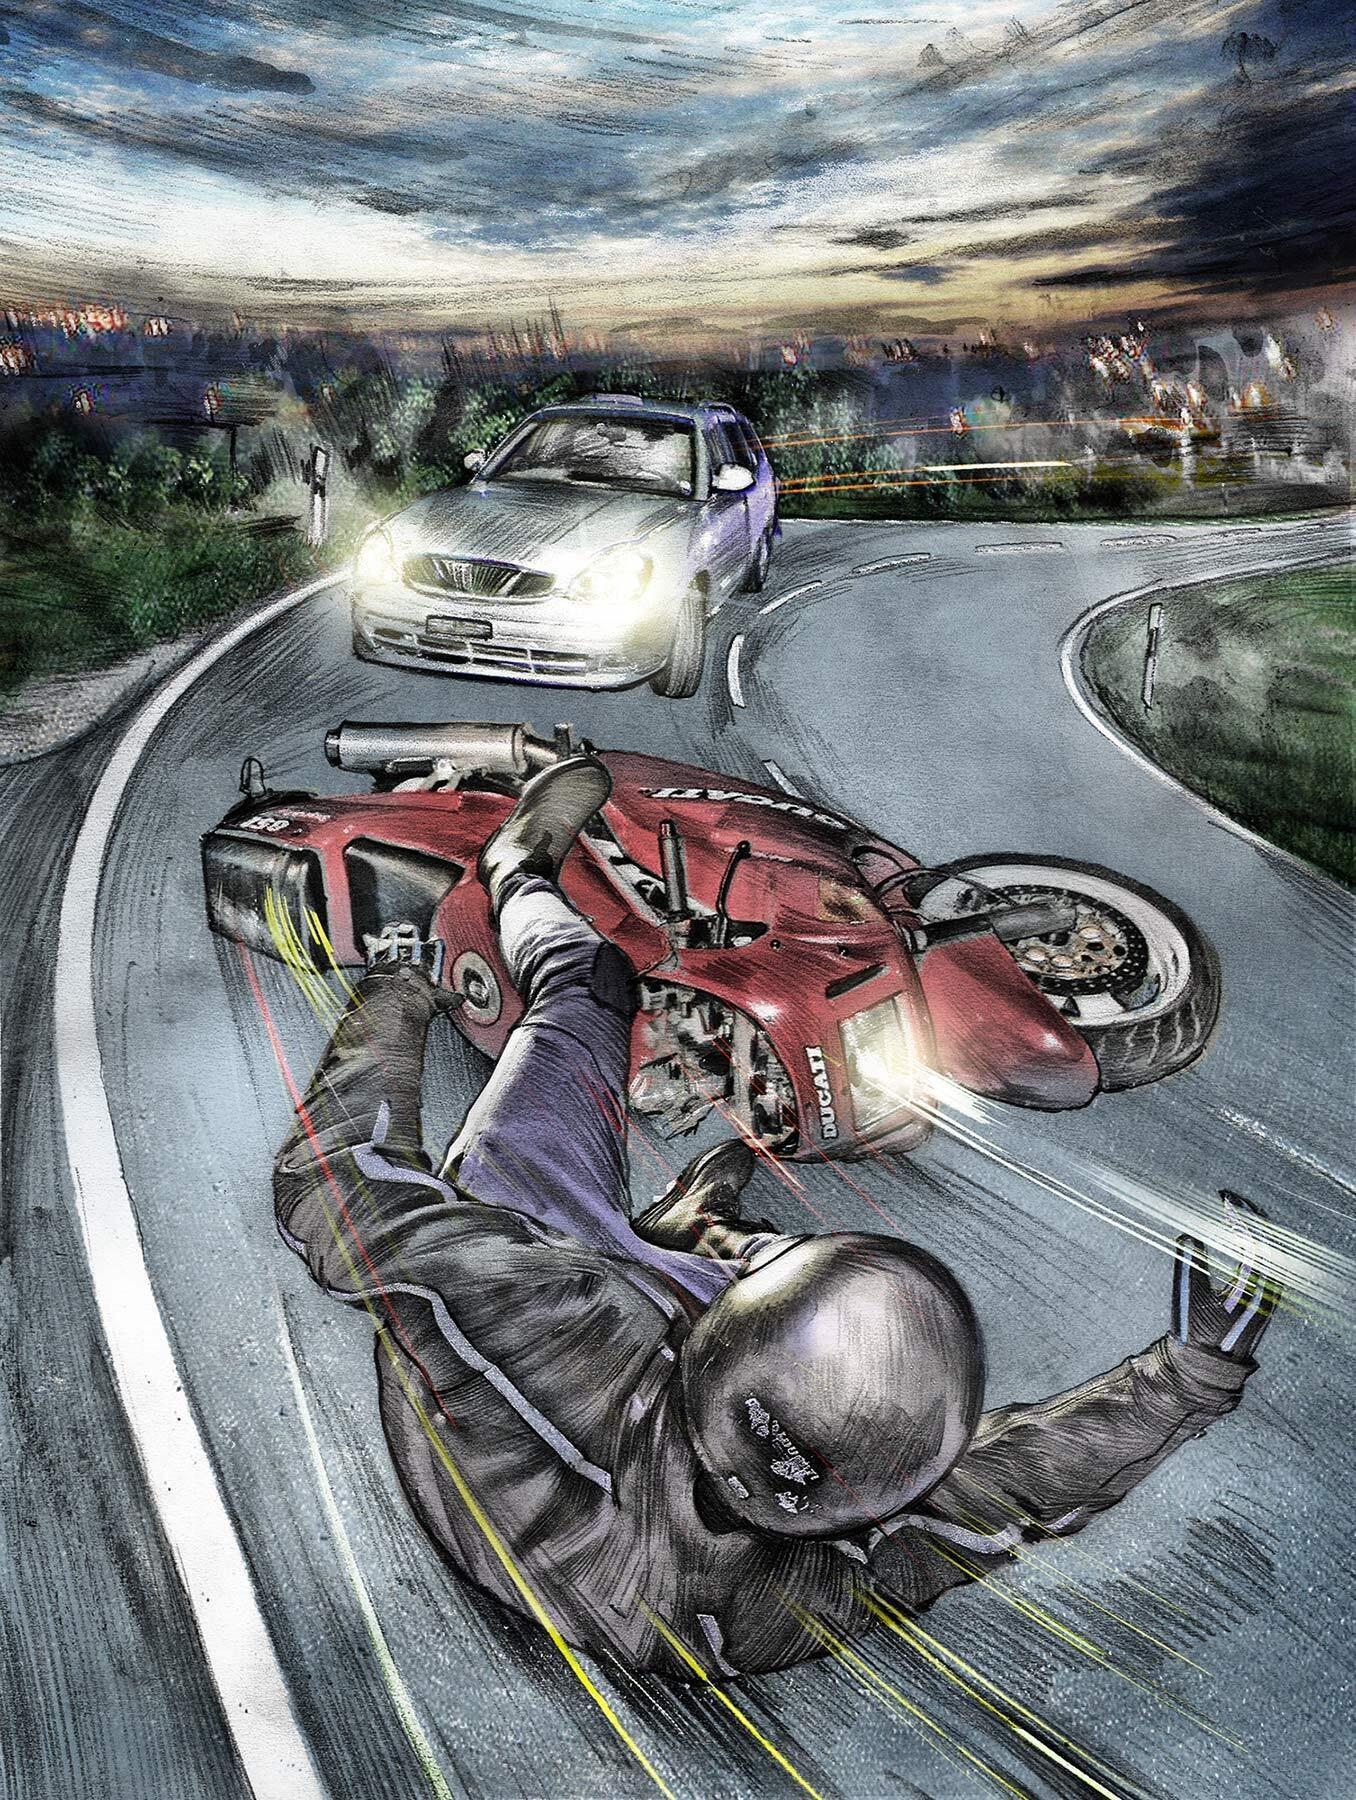 Moterbike frontal accident street ducati illustration - Kornel Illustration | Kornel Stadler portfolio